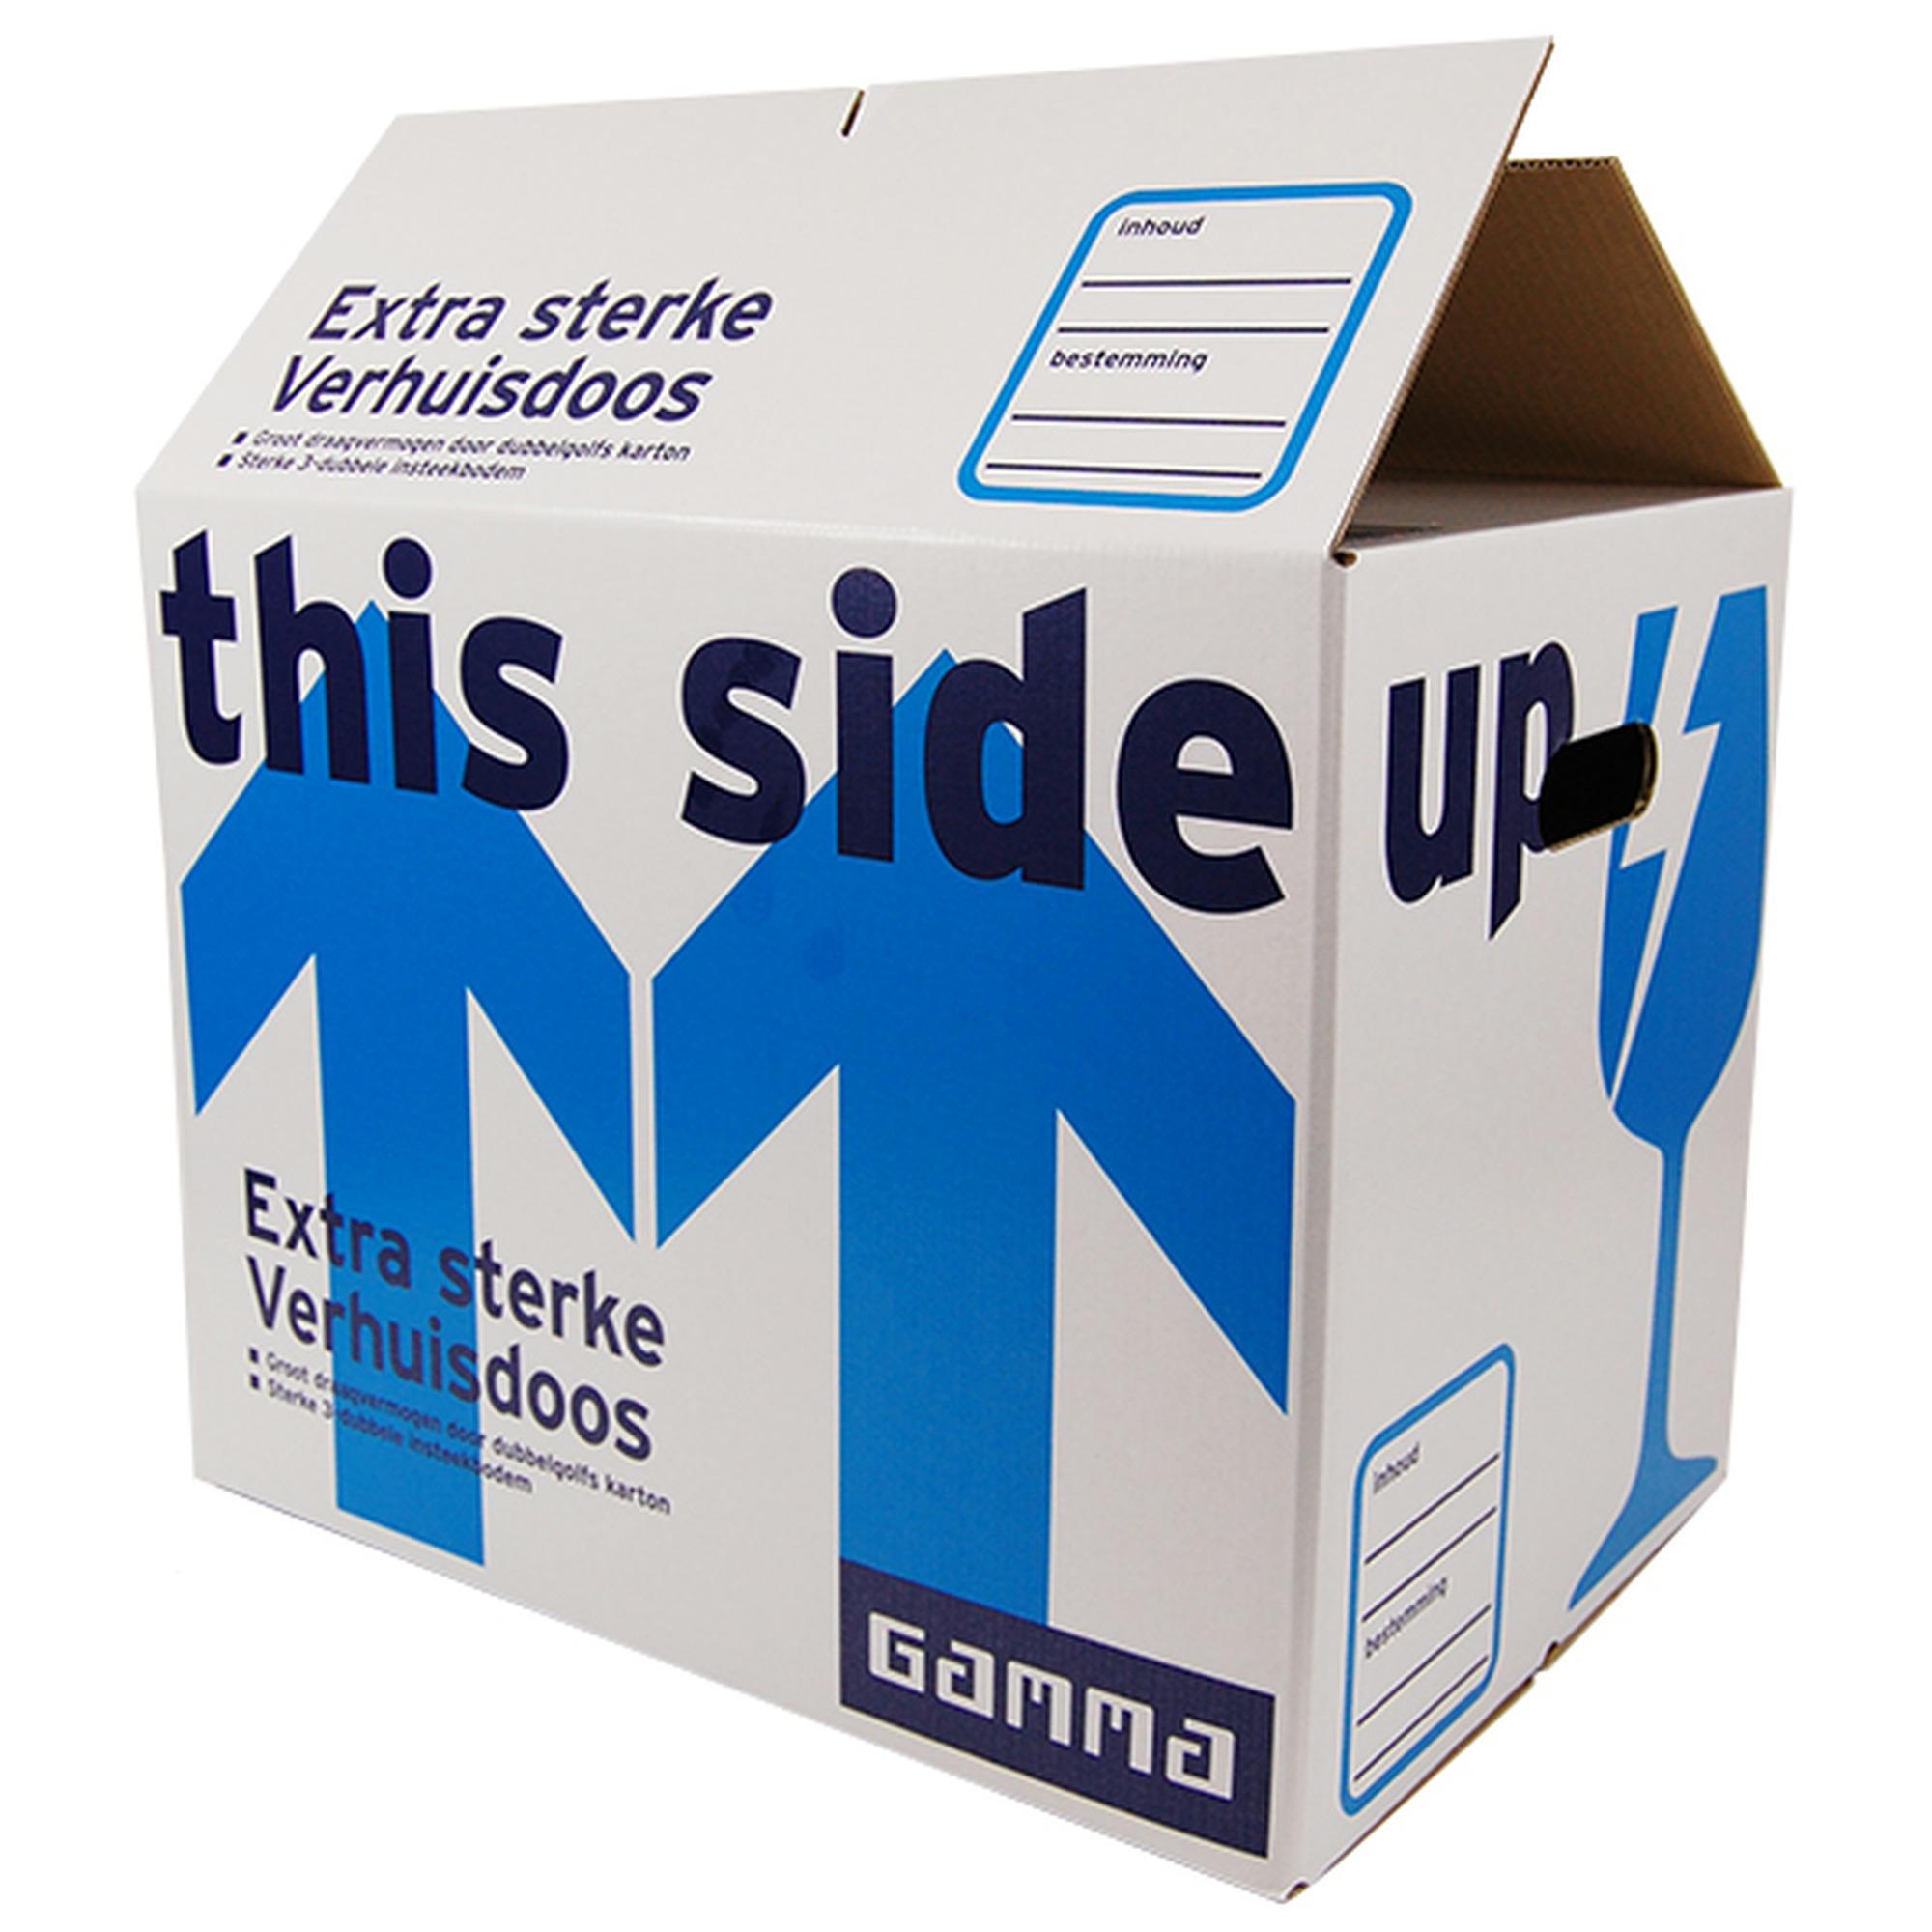 Verhuisdozen bestellen welke verhuisdozen zijn als beste for Verhuisdozen action